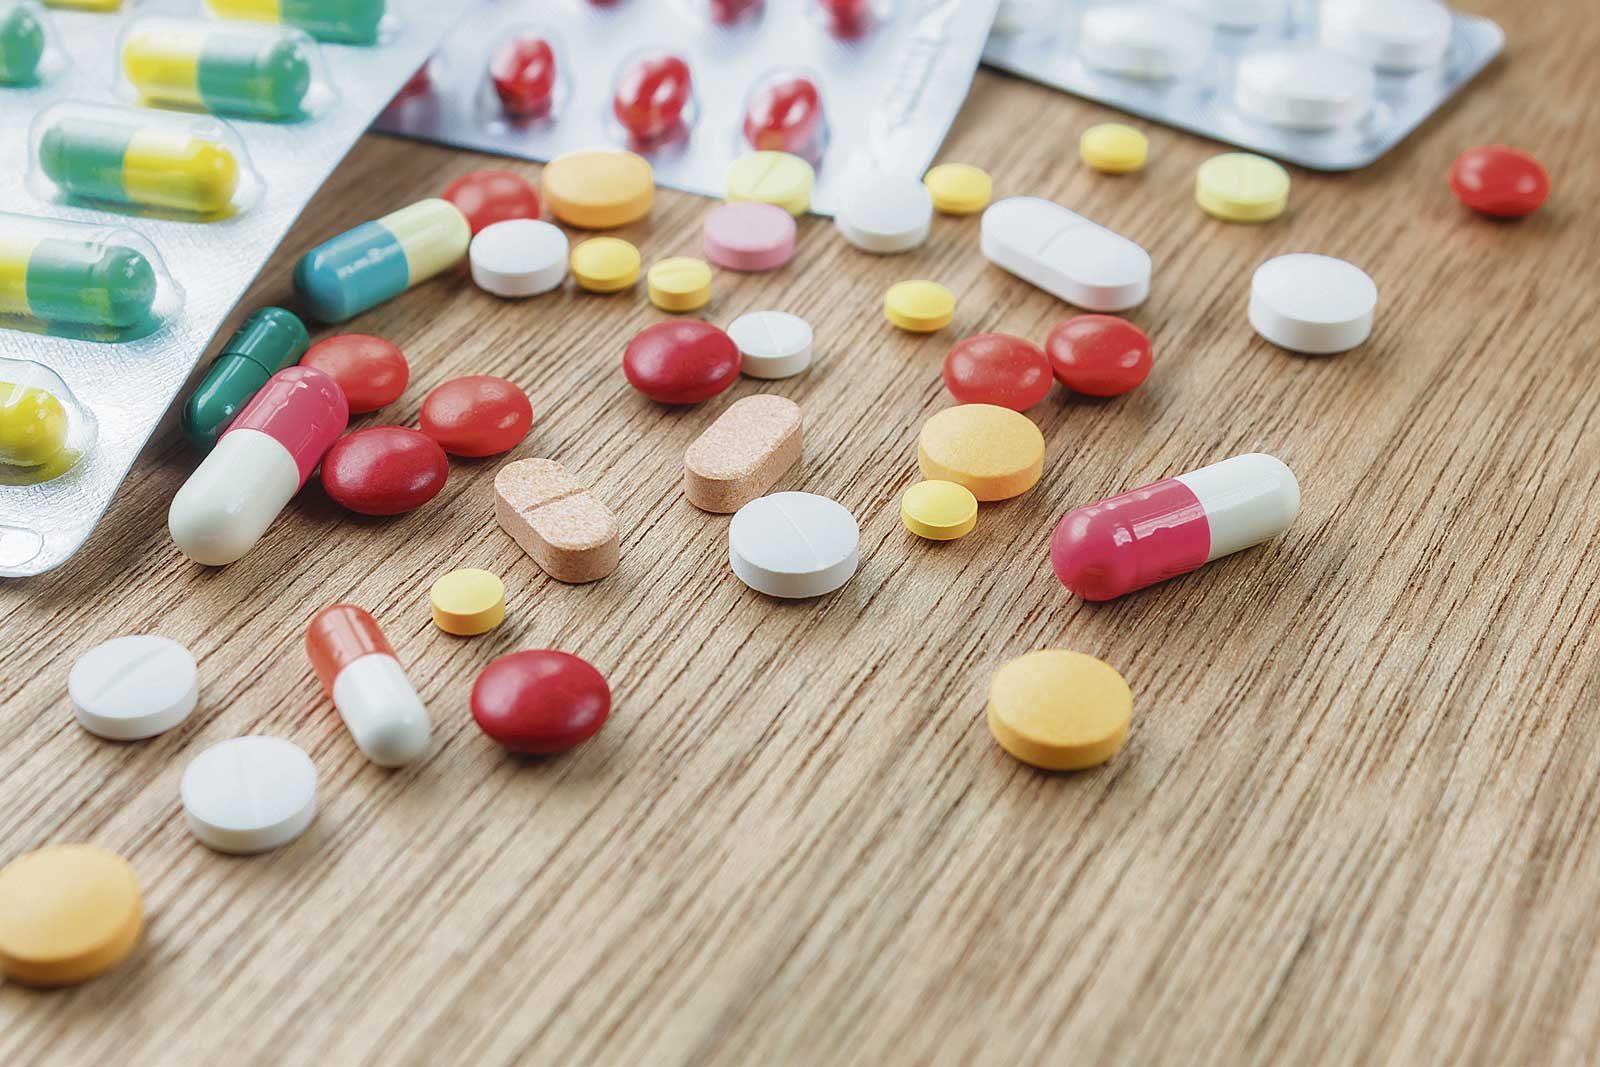 ce să bea pentru pastile de durere articulară)